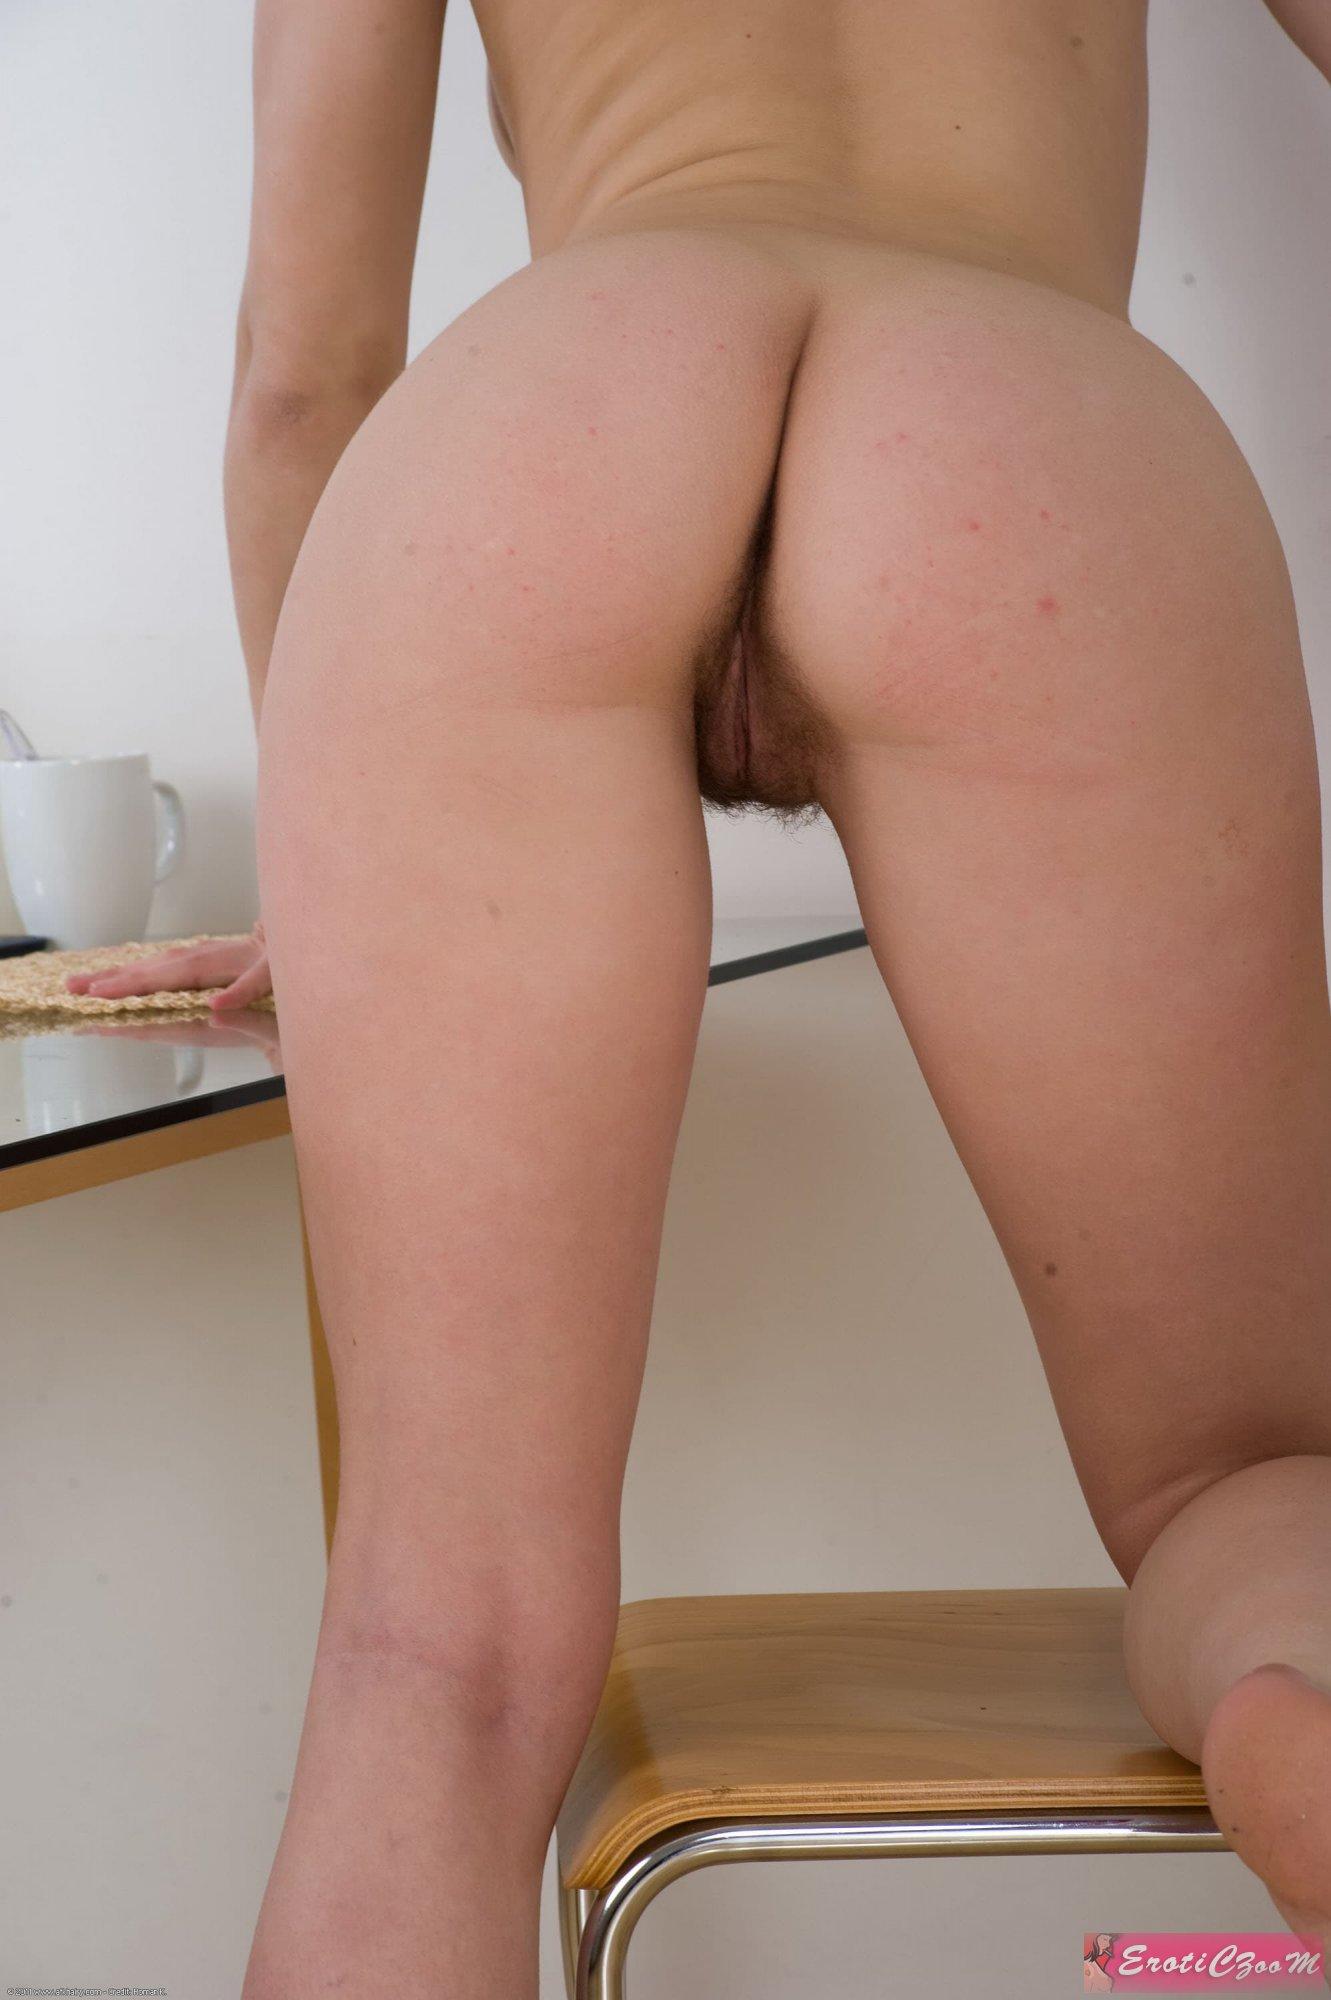 Голая сексуальная шлюшка показала попочку